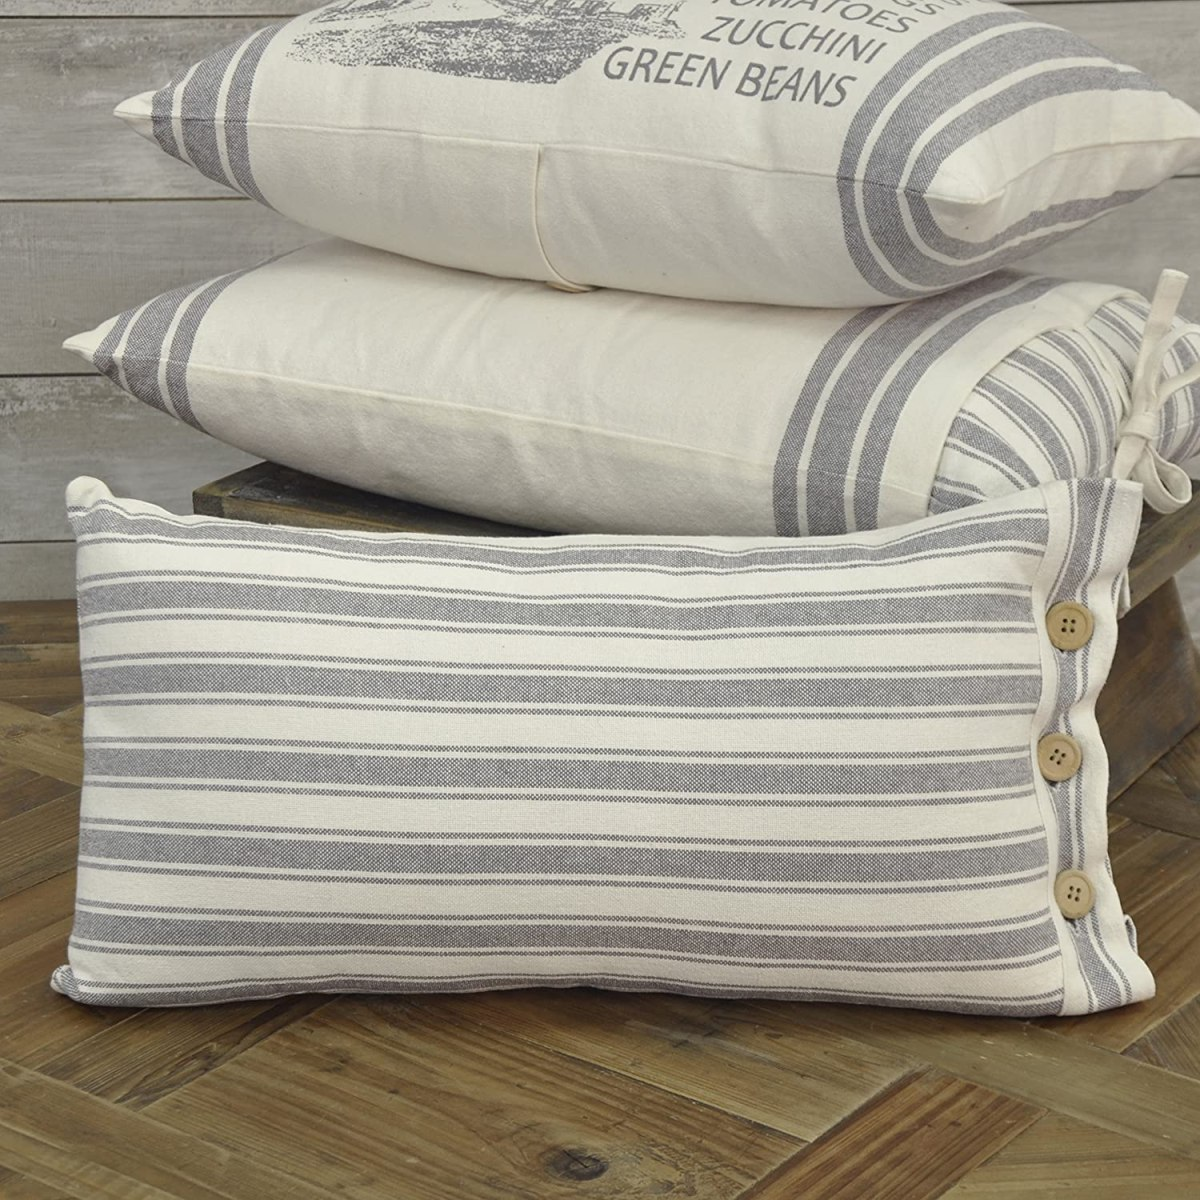 Ticking-Stripe-Farmhouse-Decor-Pillowcase